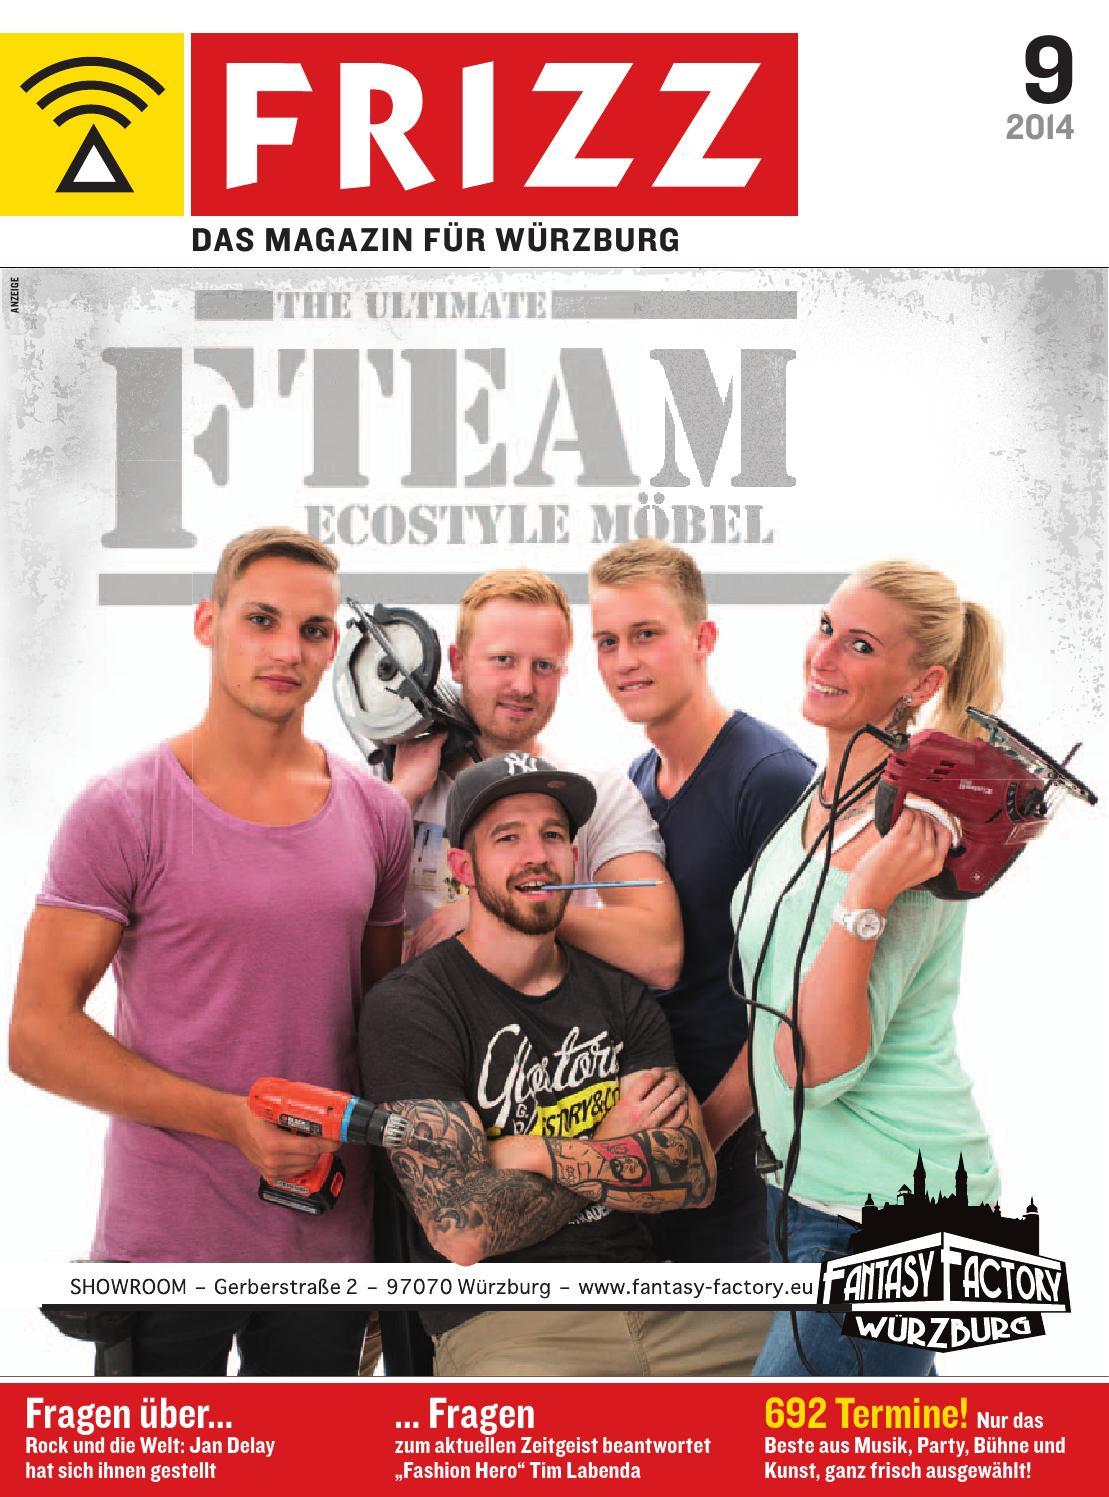 FRIZZ Würzburg 09/14 by FRIZZ Das Magazin Würzburg - issuu